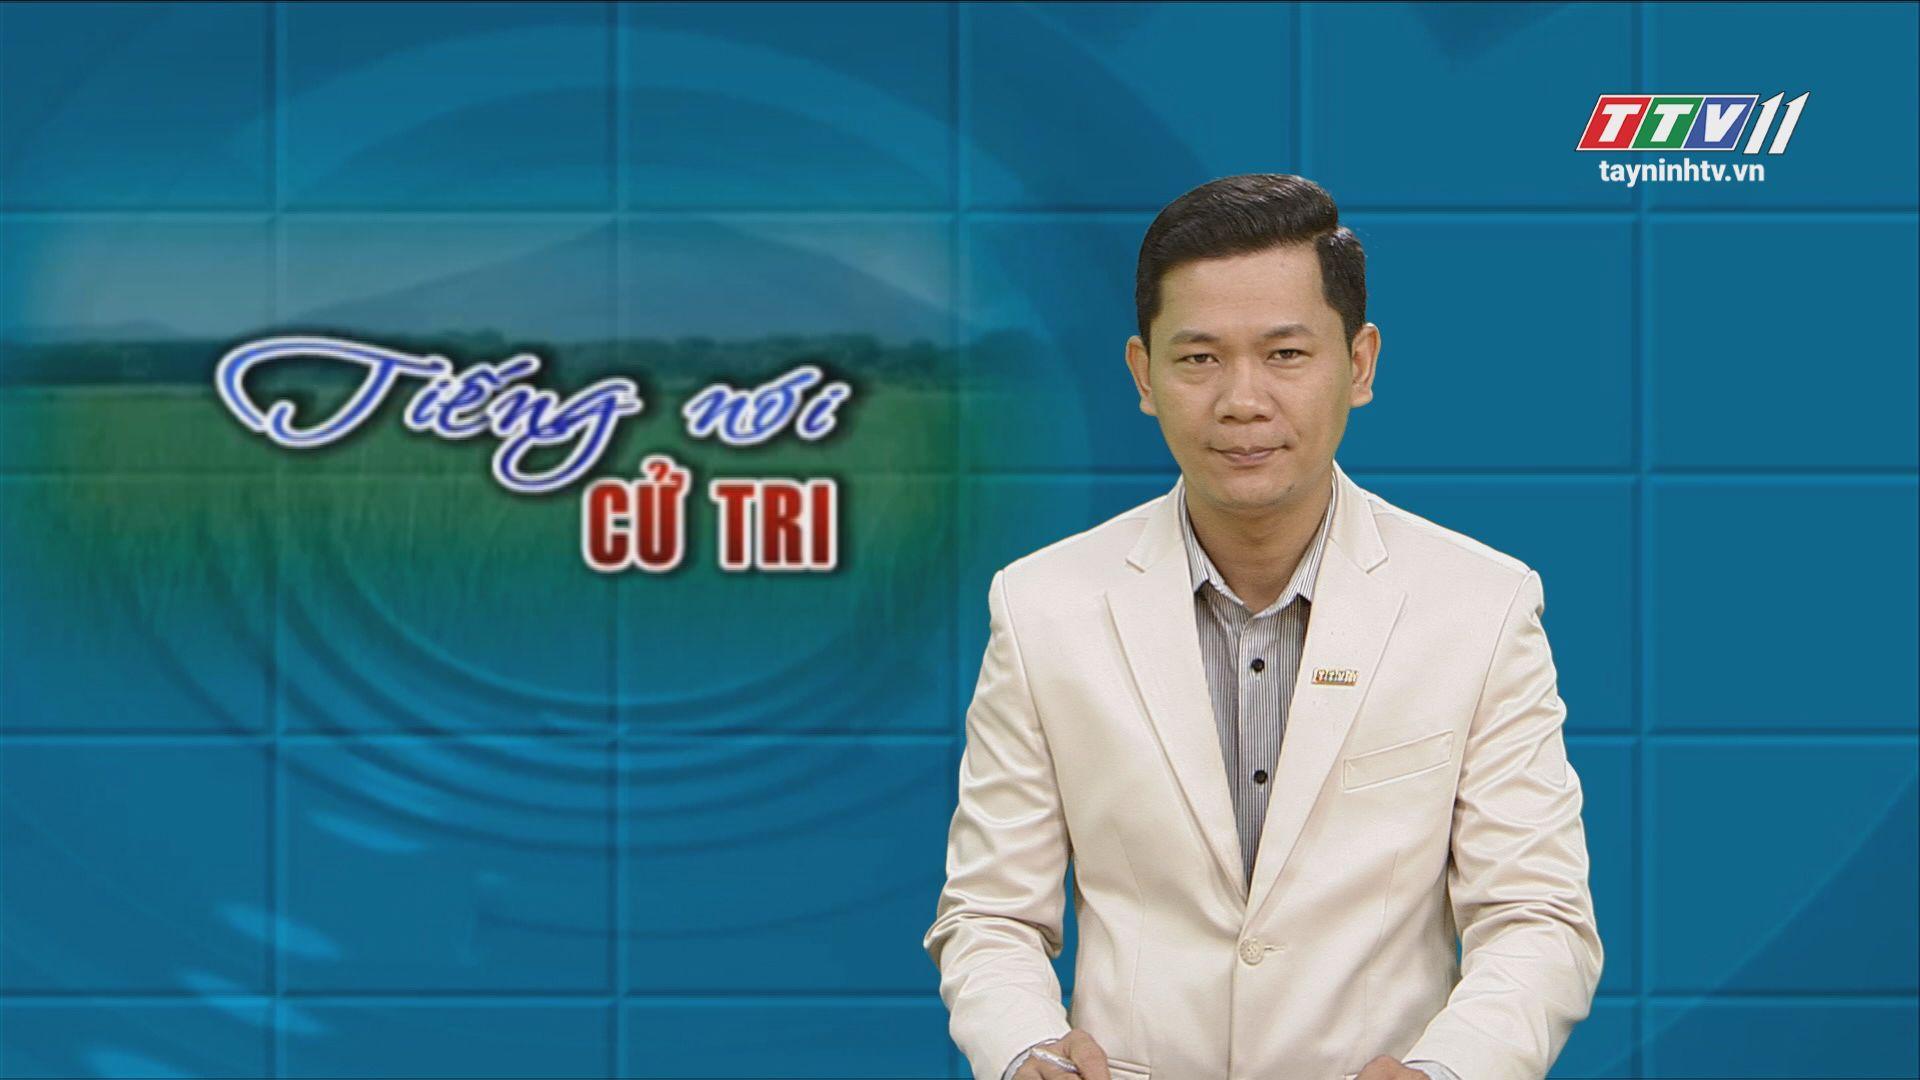 Cần có thêm chế độ phụ cấp đặc thù đối với giáo viên mầm non | Tiếng nói cử tri | Tây Ninh TV